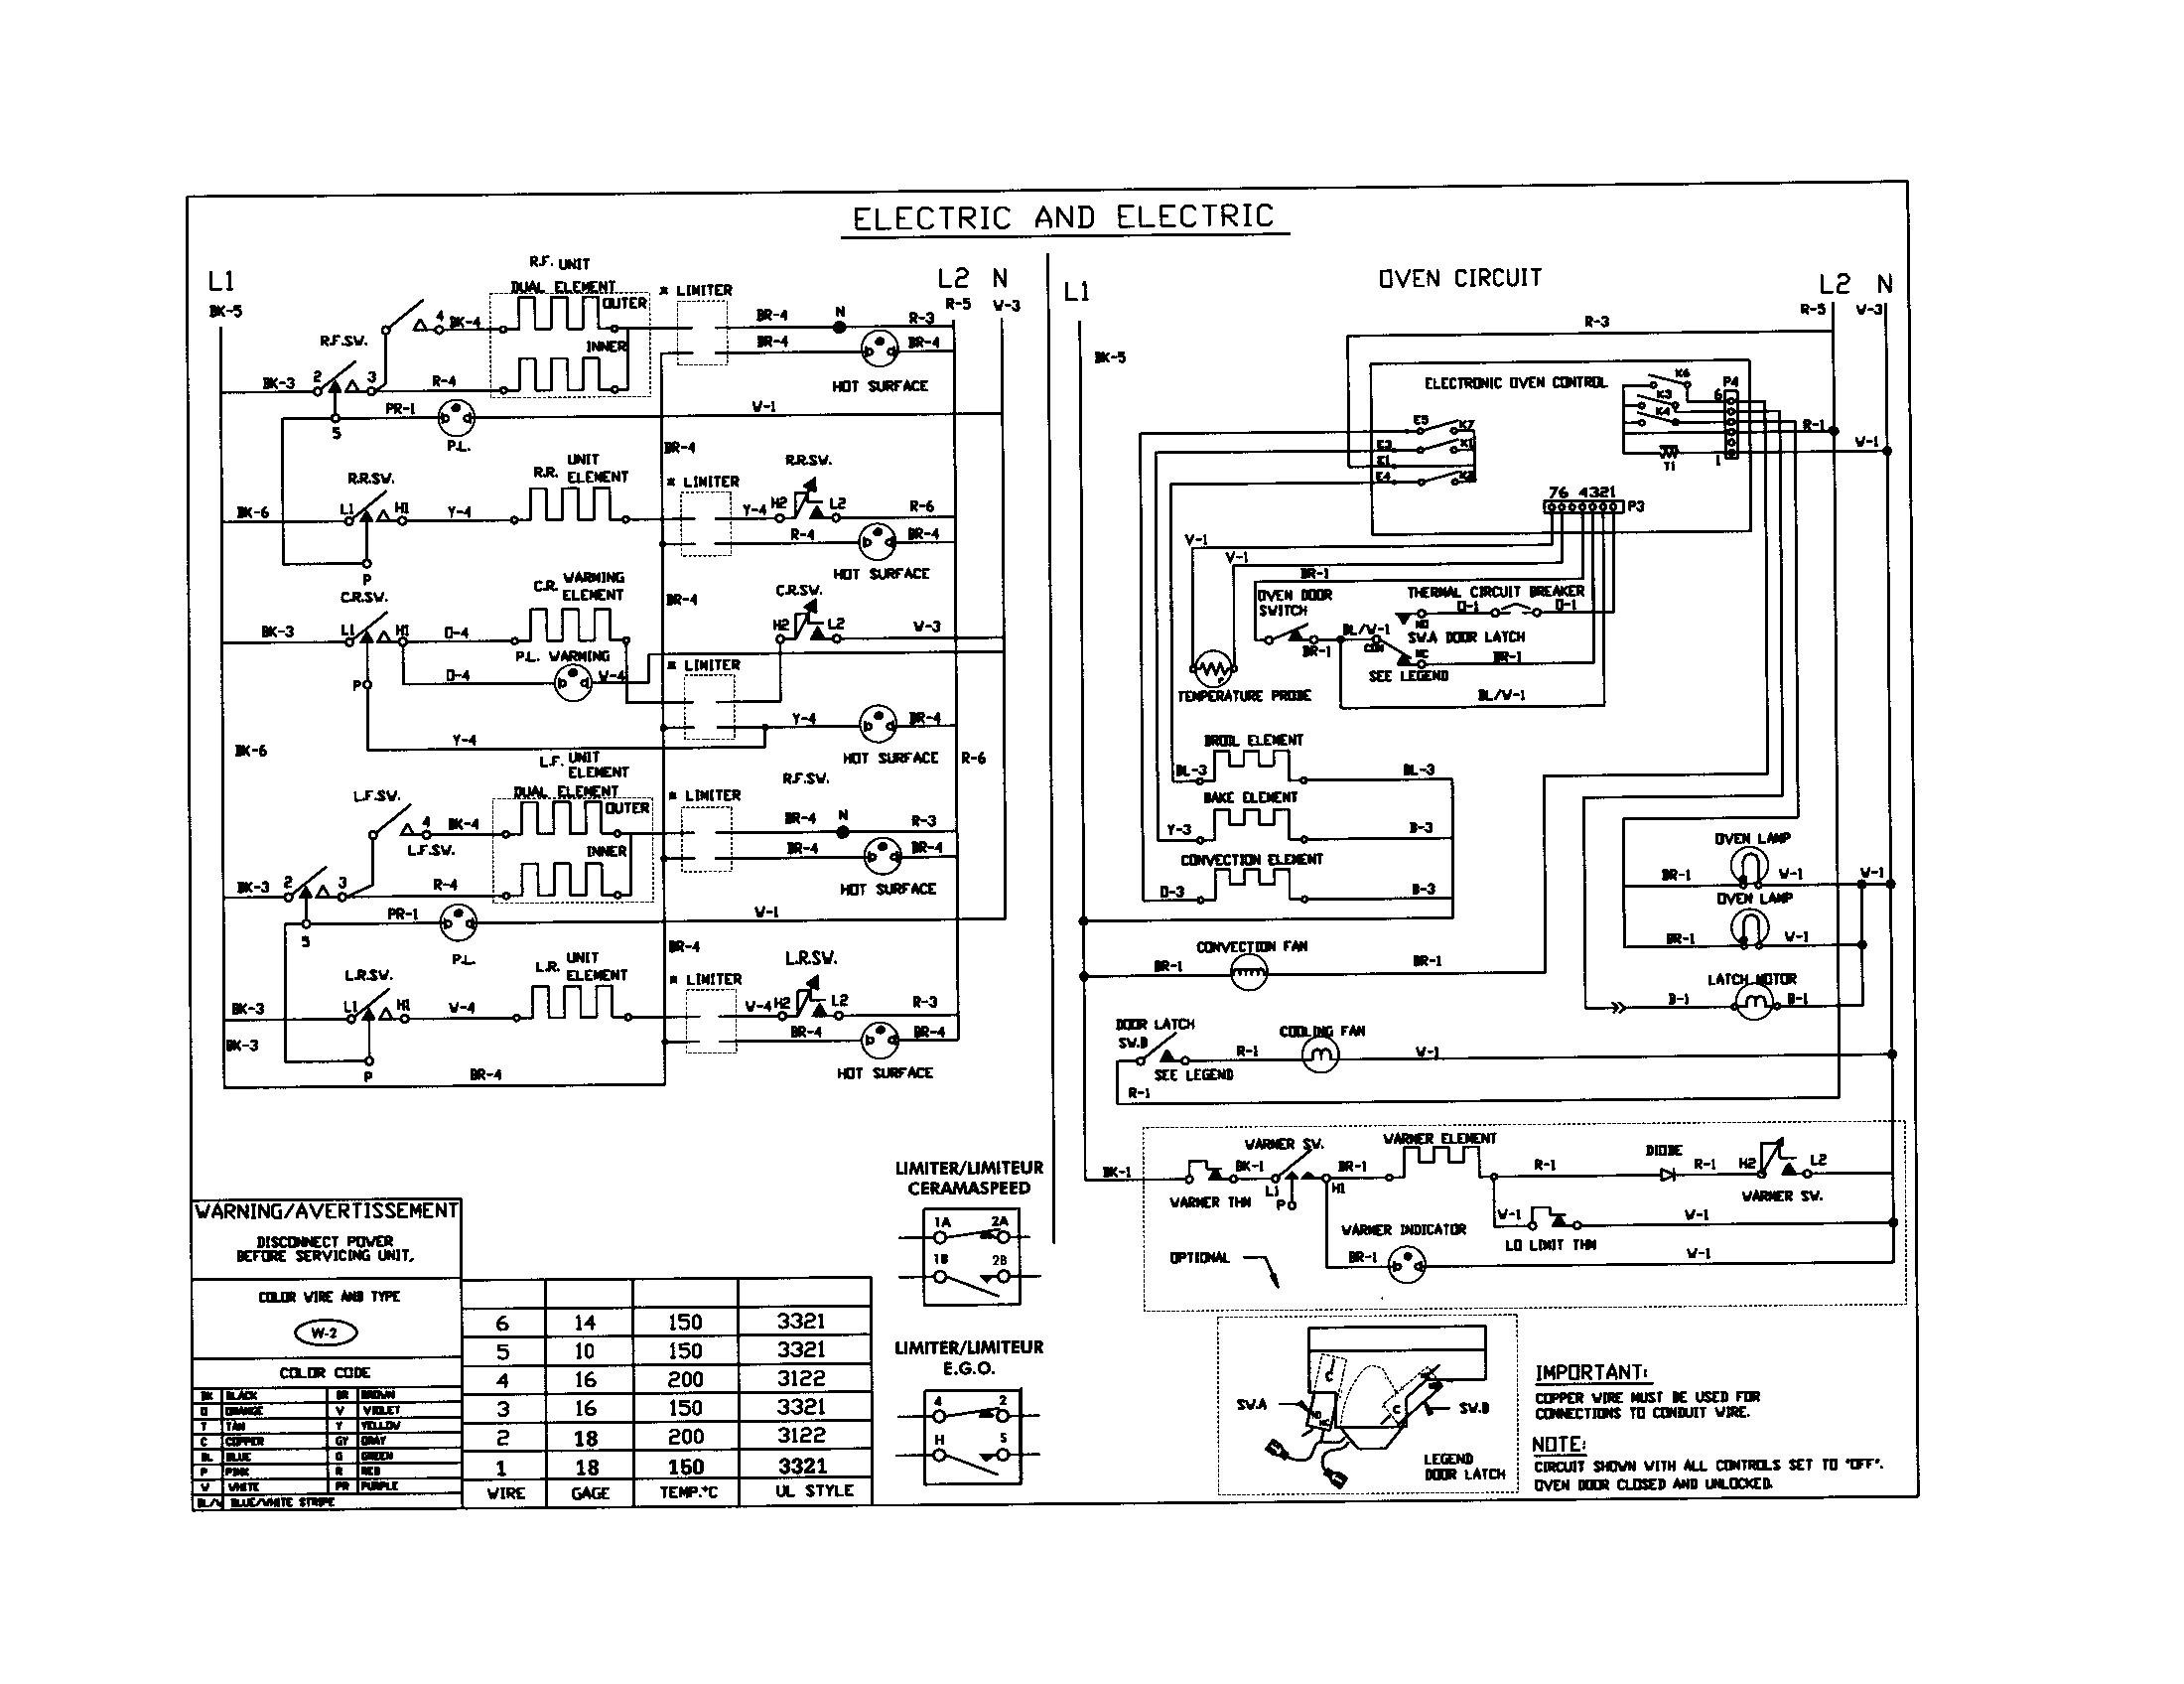 Kenmore Dryer Wiring Diagram Kenmore Oasis Dryer Wiring Diagram Best Elite Washer New Of Kenmore Dryer Wiring Diagram